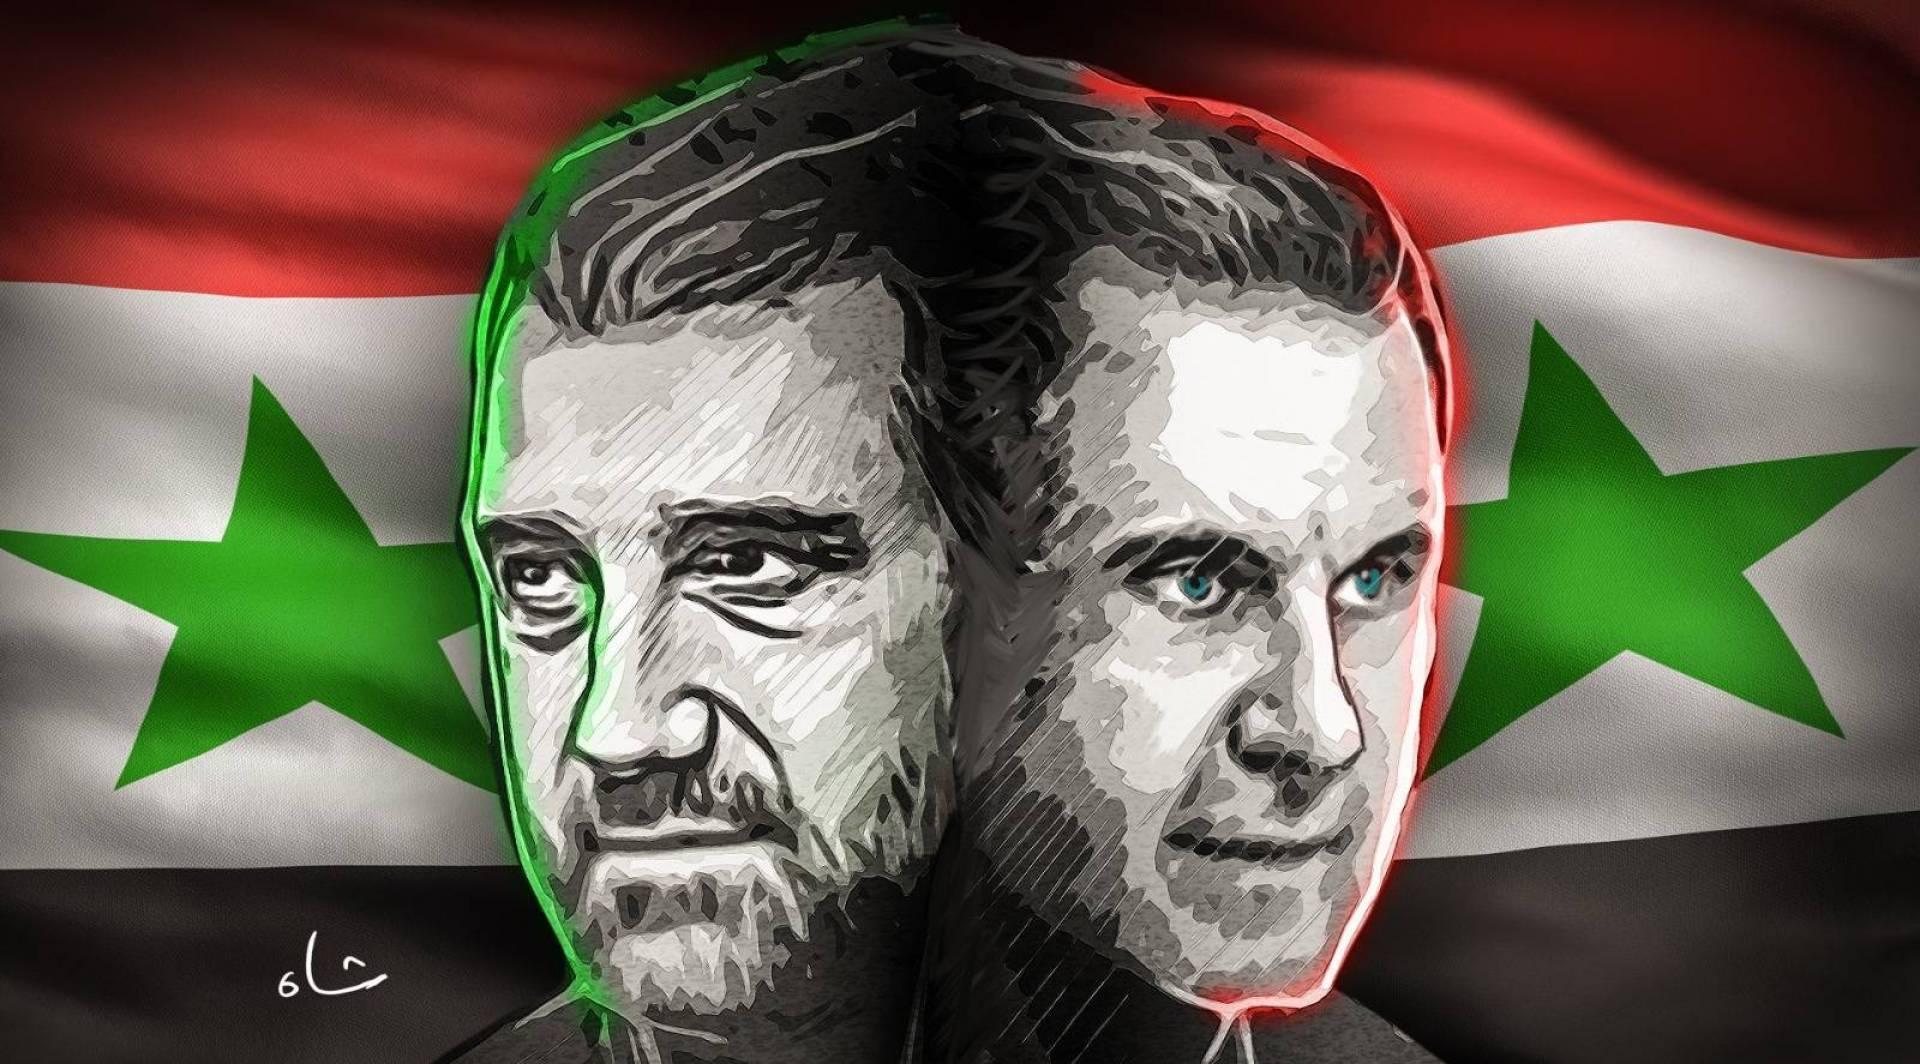 رامي مخلوف يفتح النار على ابن عمته بشار الأسد